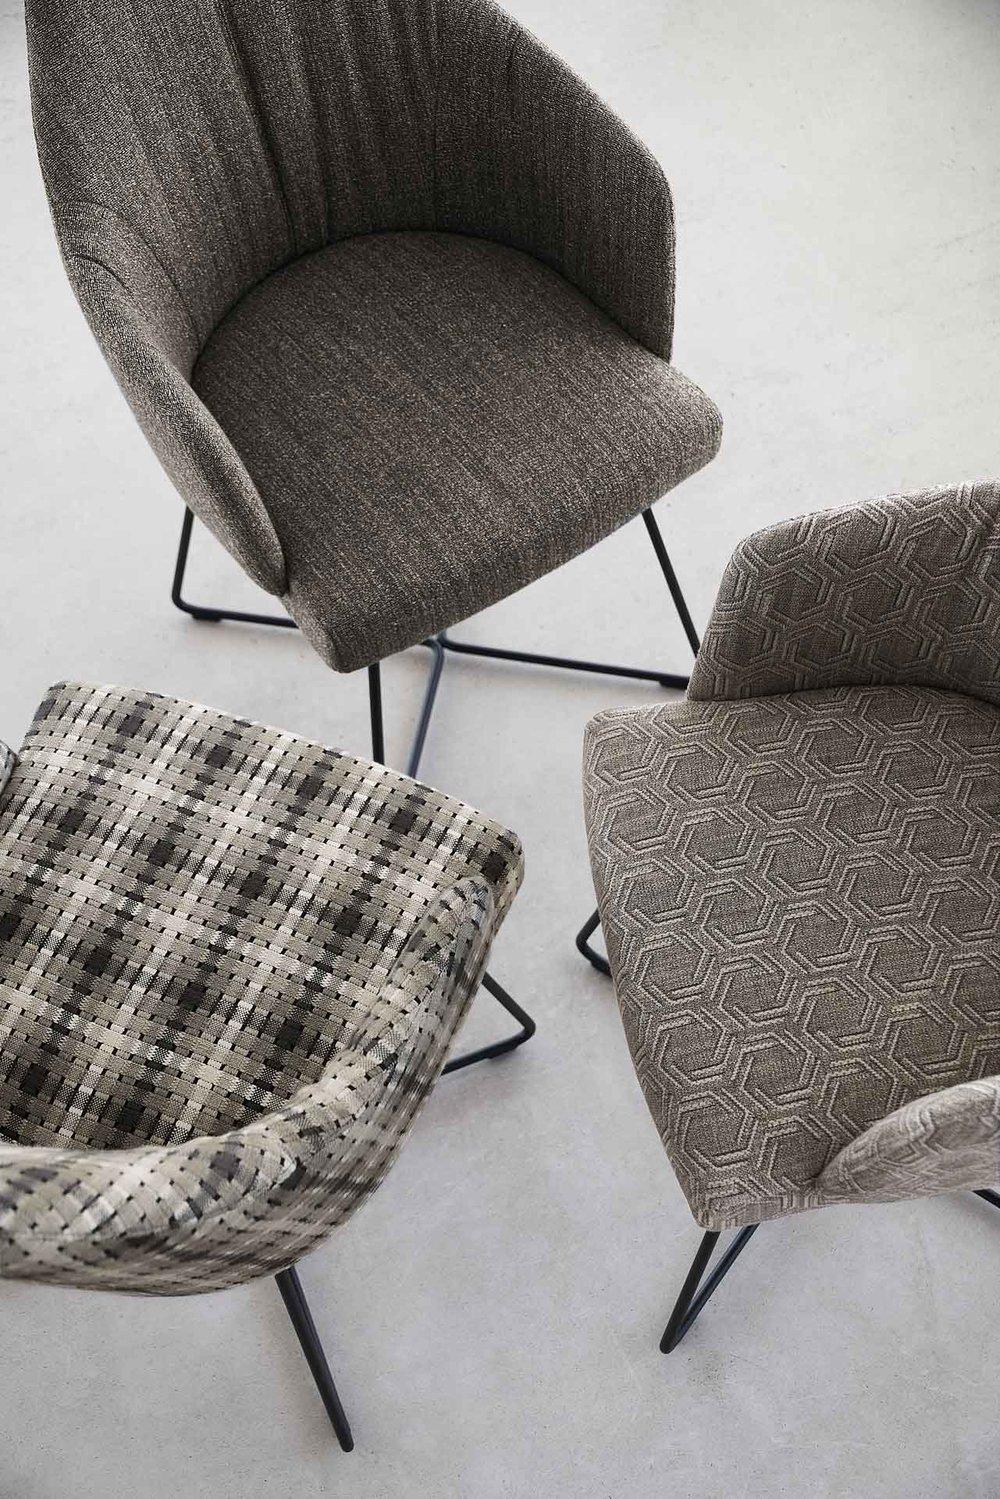 Polster - Wir polstern und beziehen Ihre lieb gewonnenen Sitzmöbel neu.